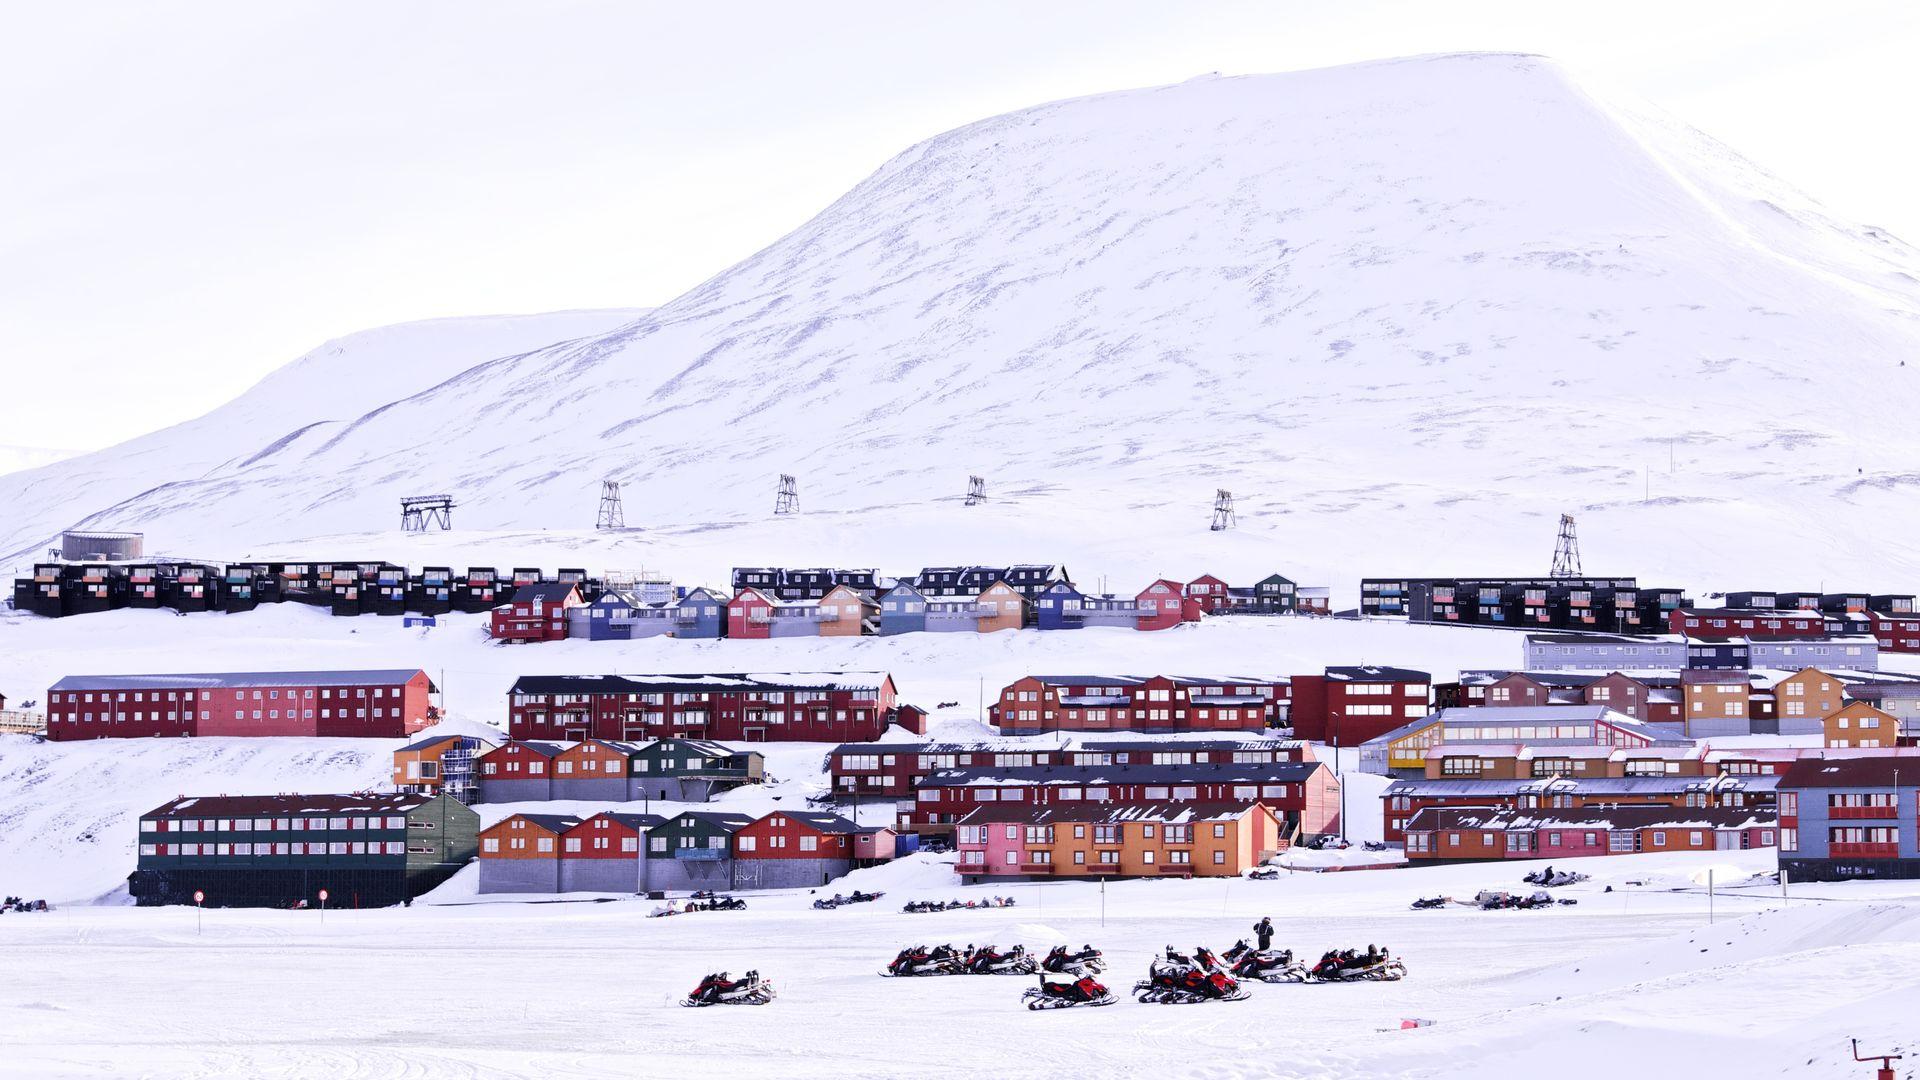 Mye av bebyggelsen på Svalbard er dårlig isolert, og svært mye energi kan spares ved å etterisolere boligene og næringsbyggene.